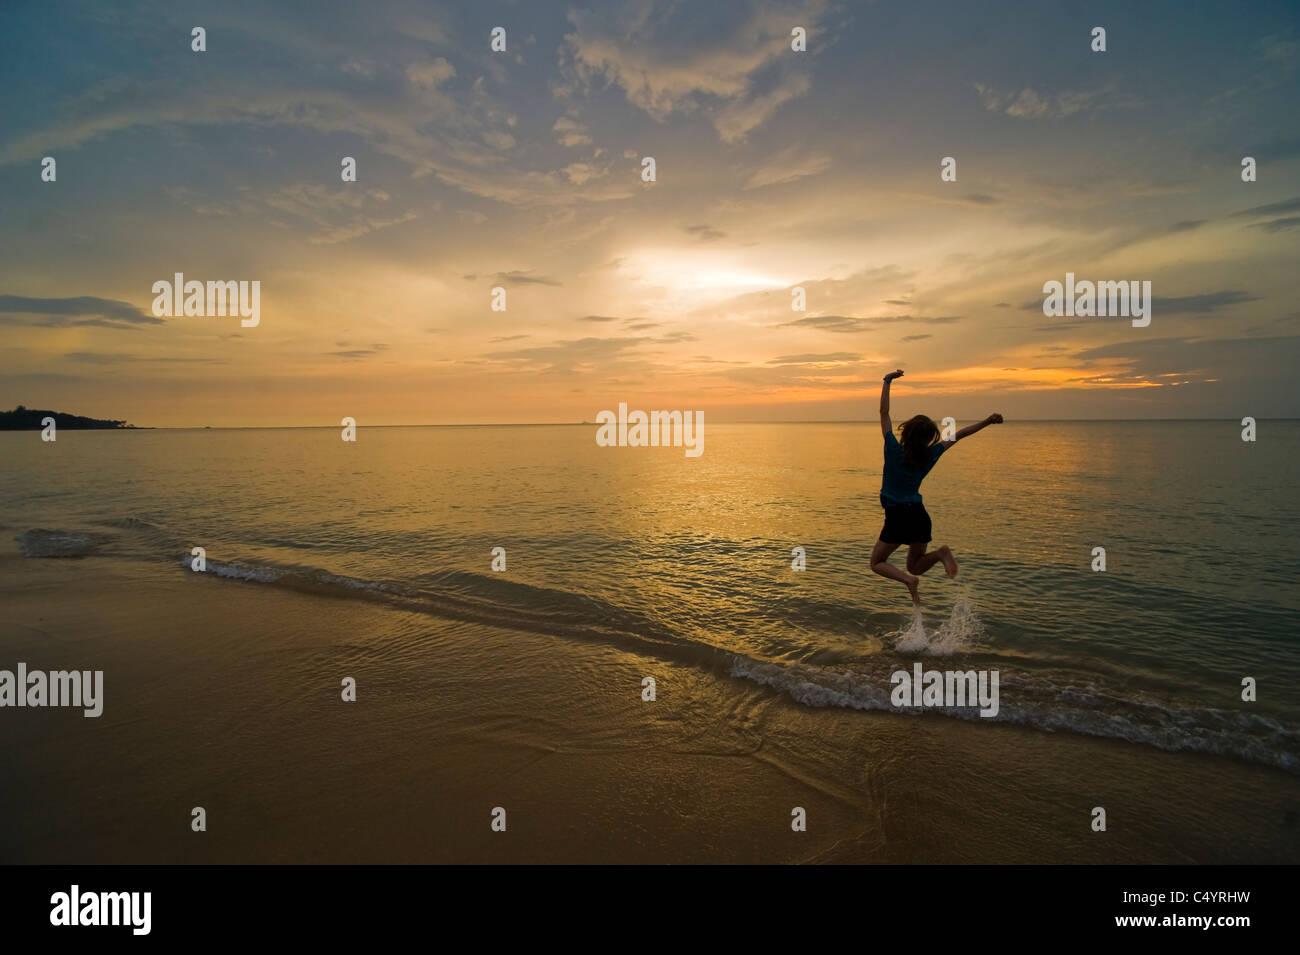 Una joven salta de alegría y celebración en la playa al atardecer. Tomada en Phra Ae Beach, Koh Lanta, Imagen De Stock